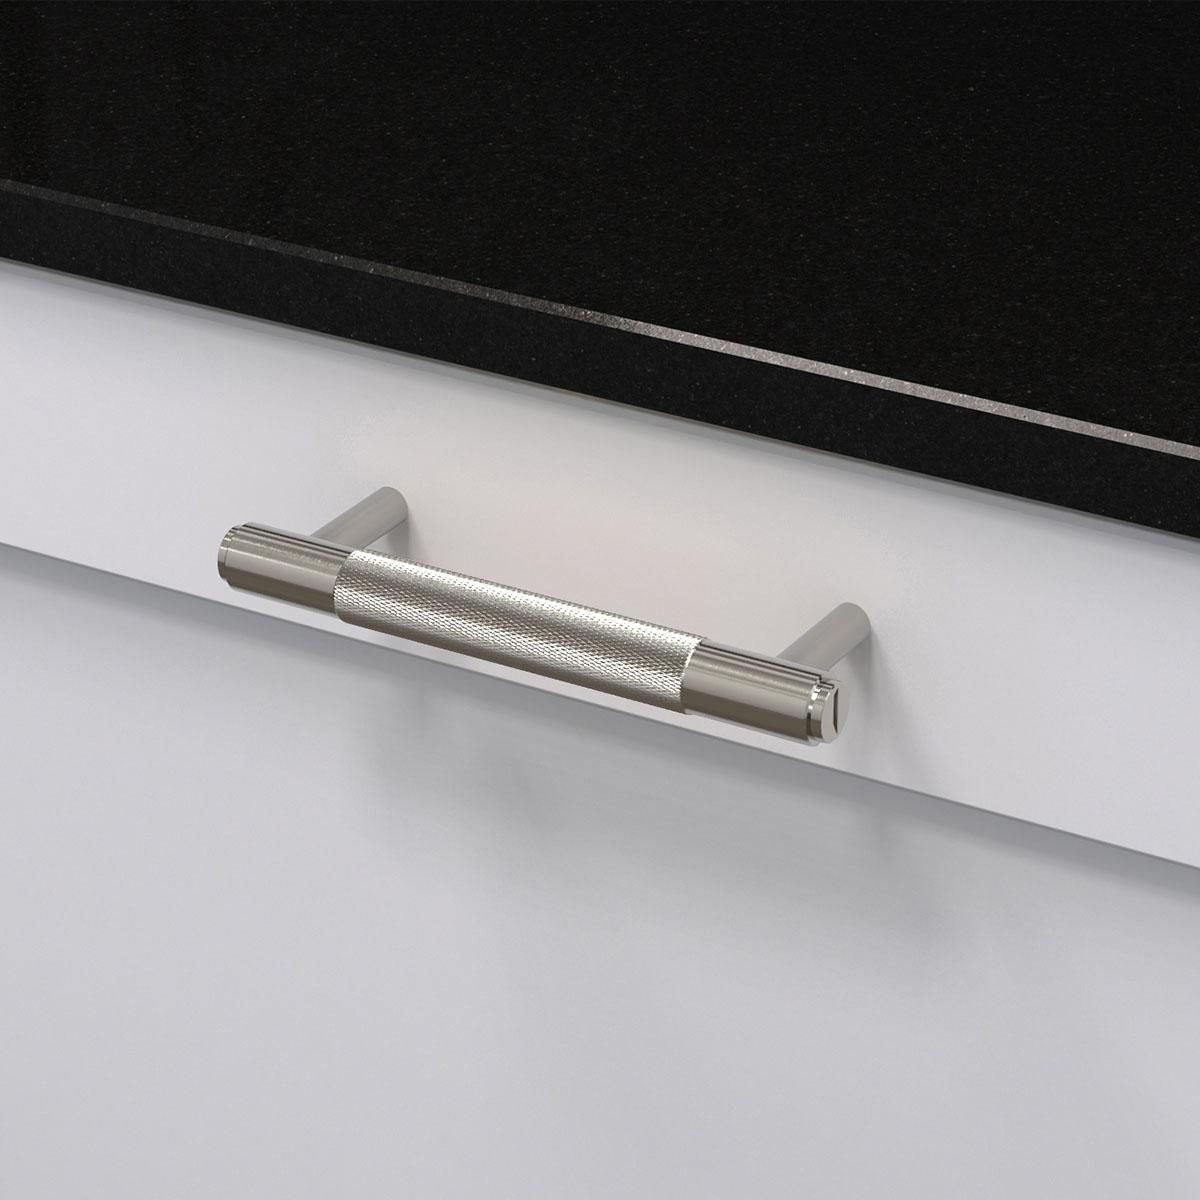 pull bar stål uk pb h 160 st a cc 125 mm ncs s 0300 n granit svart